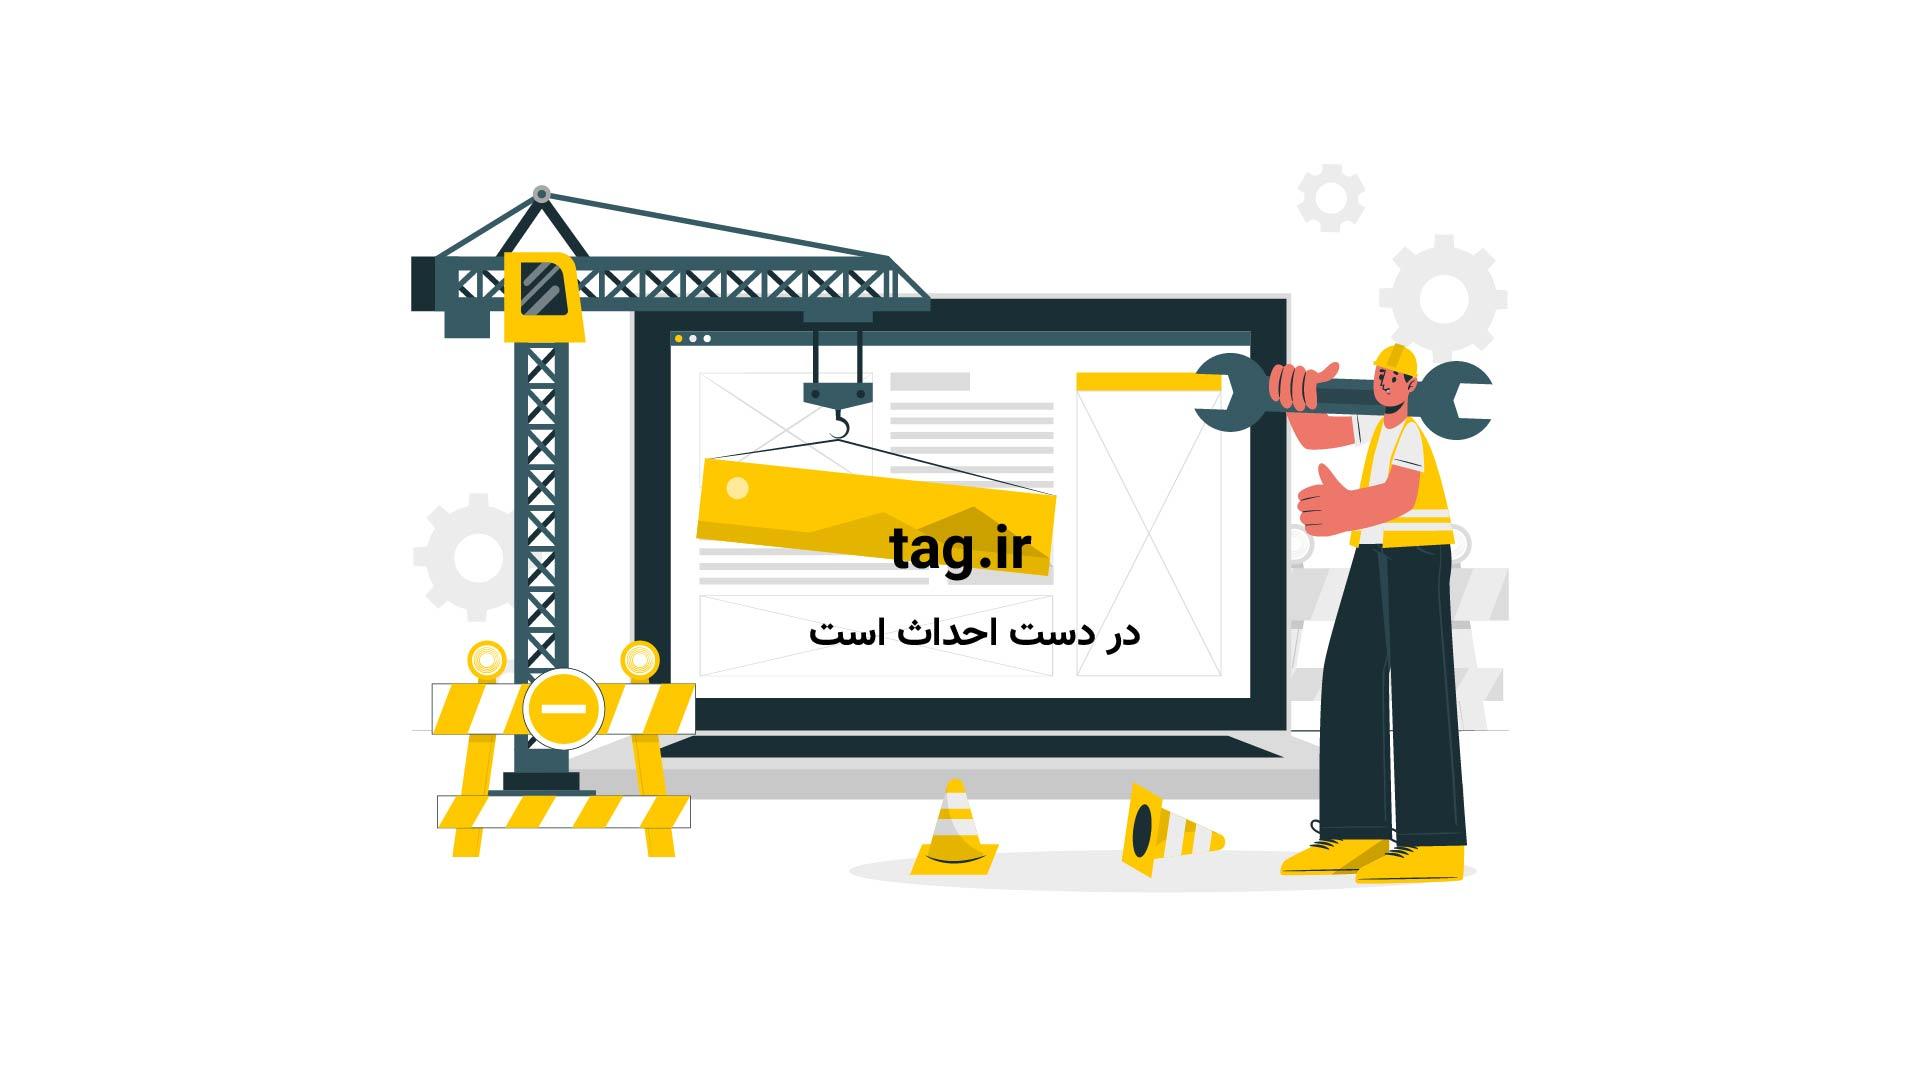 ساخت وسایل جالب با اسباب بازی | تگ